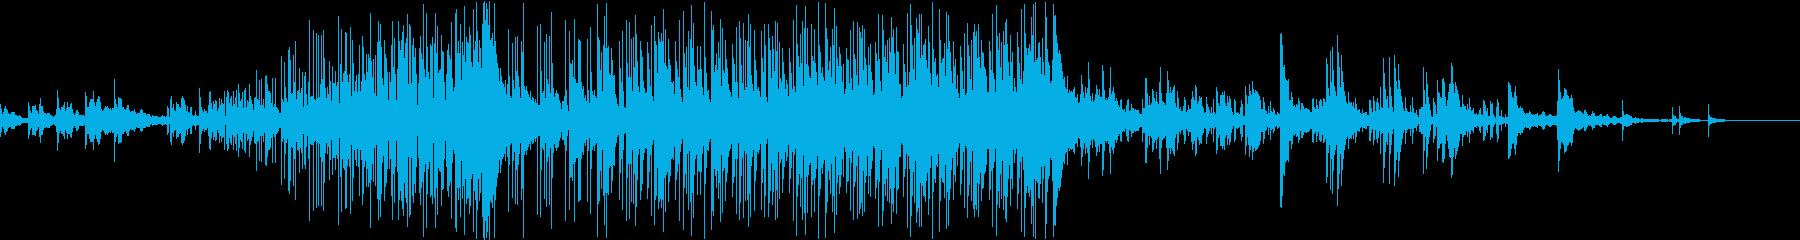 ★海系 癒しのDeep House の再生済みの波形